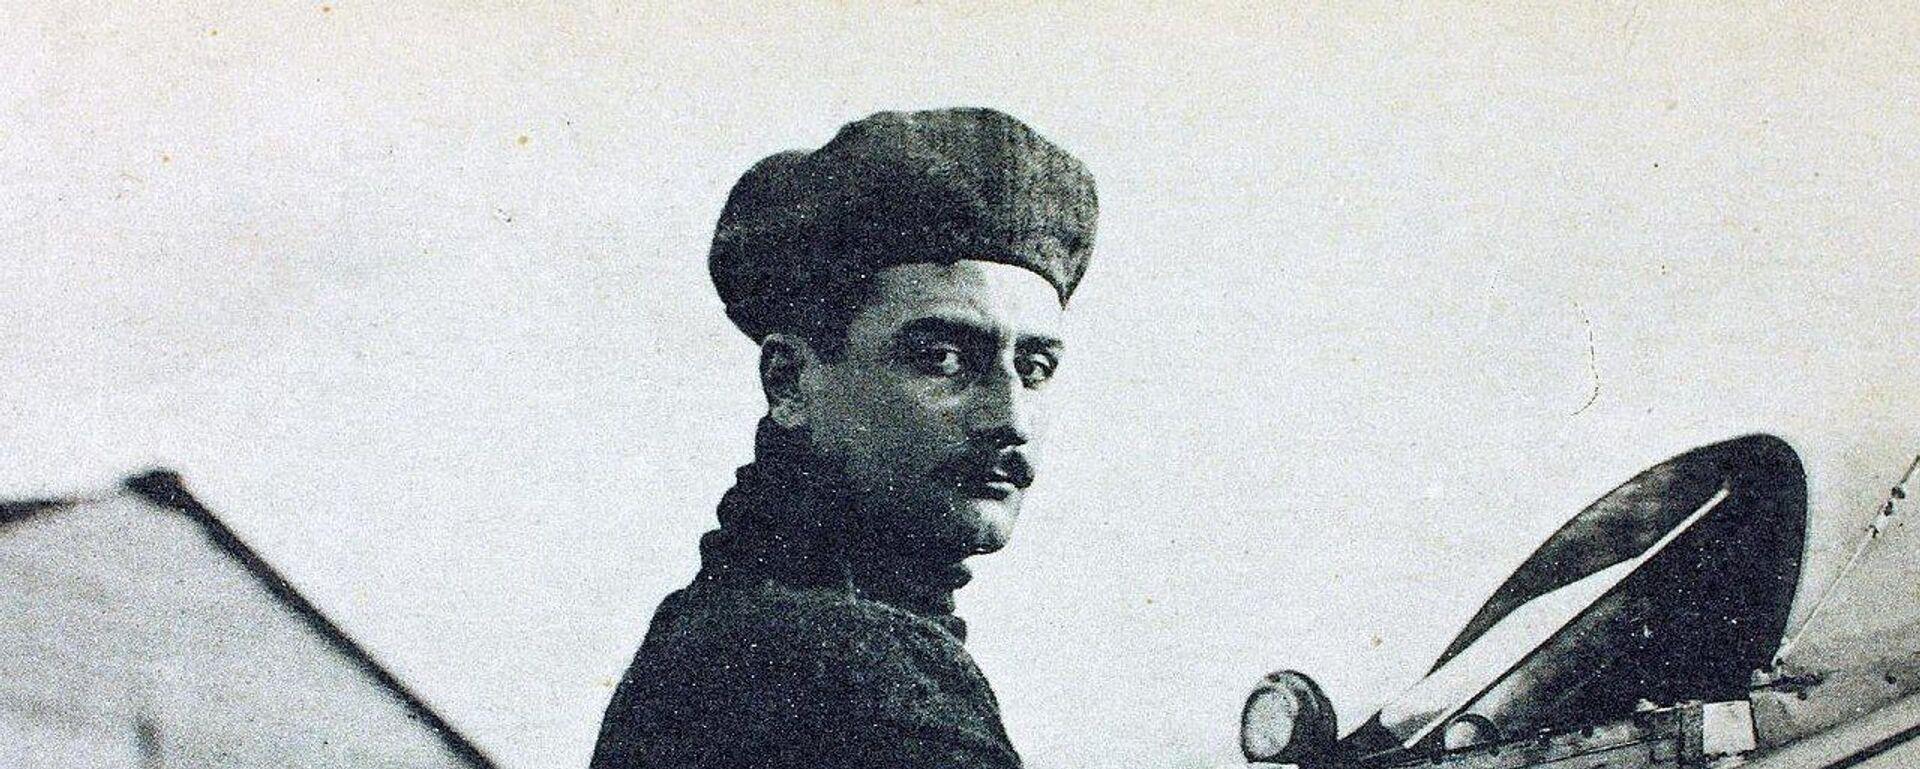 Ο Ρολάν Γκαρός - Sputnik Ελλάδα, 1920, 27.09.2020